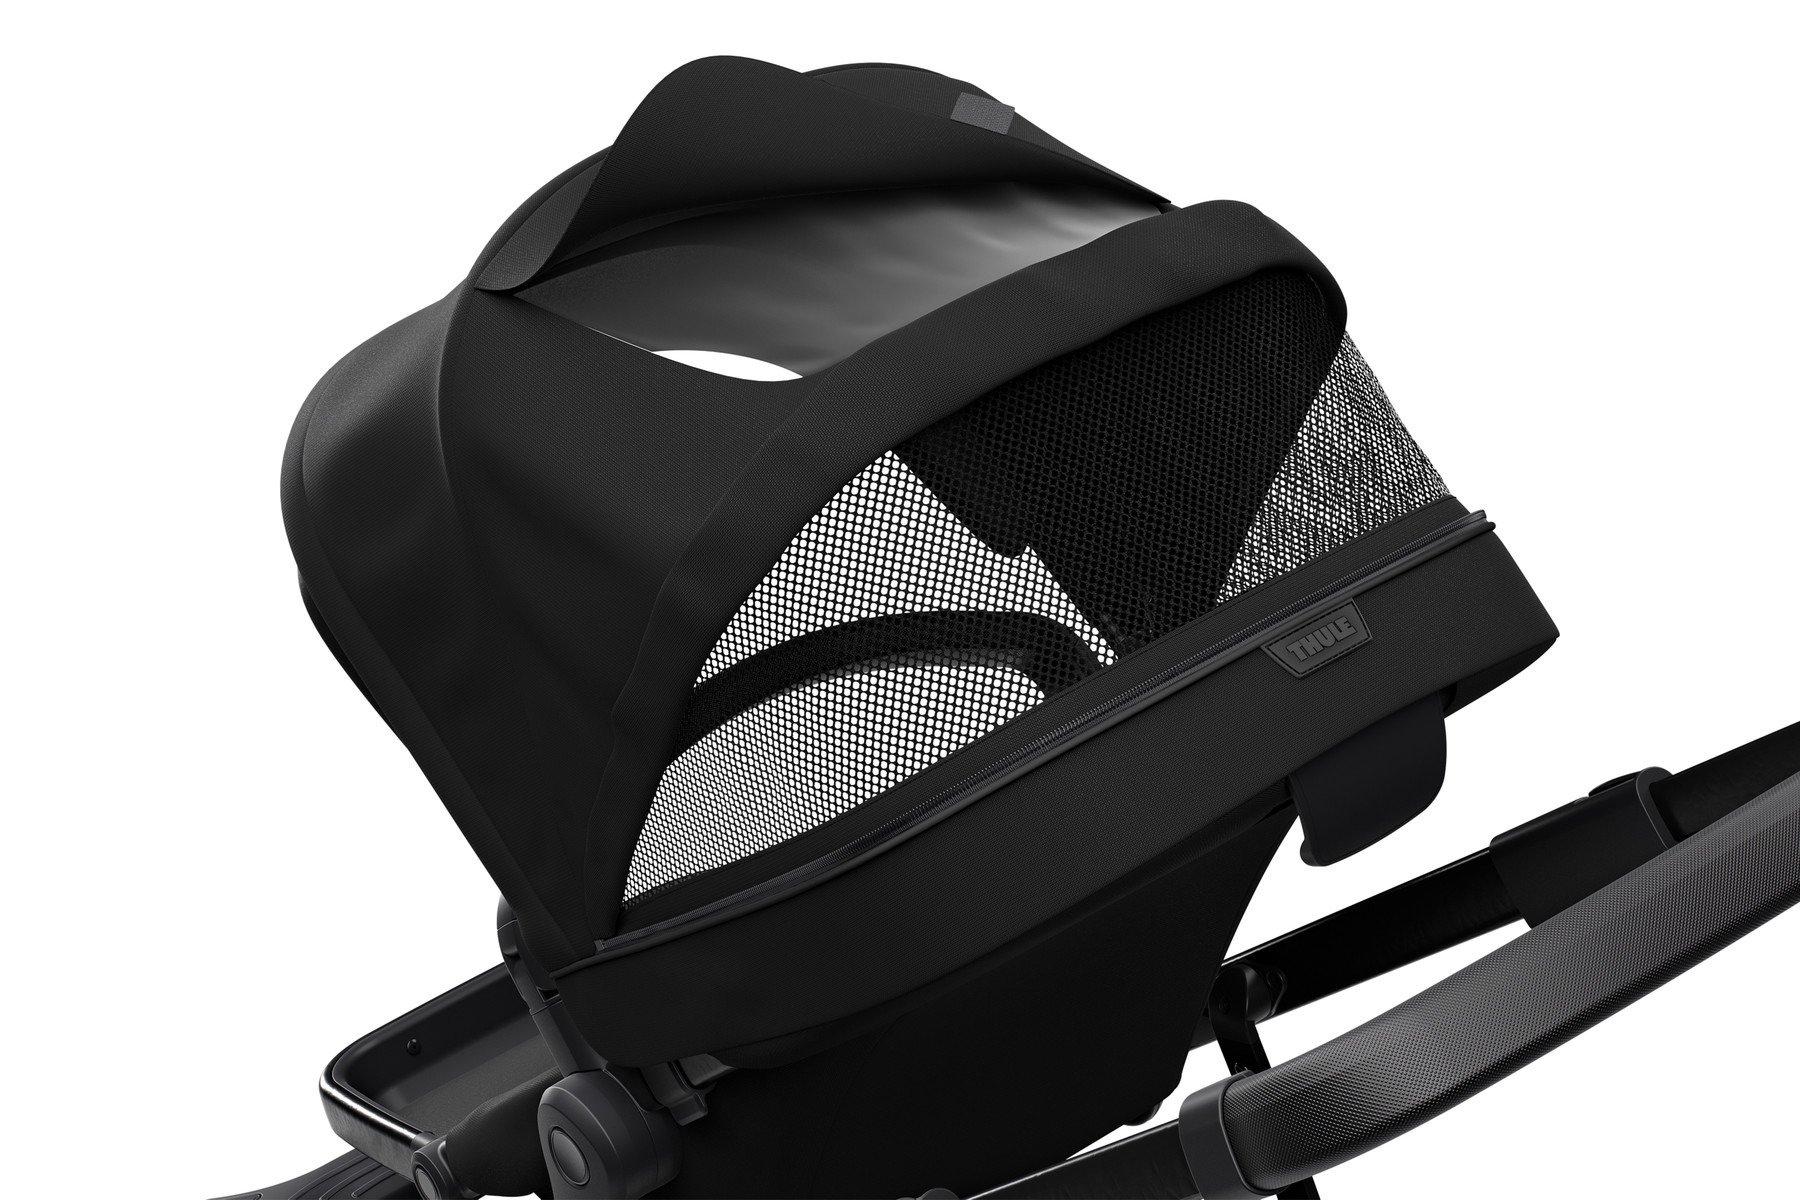 Wózek spacerowy Thule Sleek Black on Black